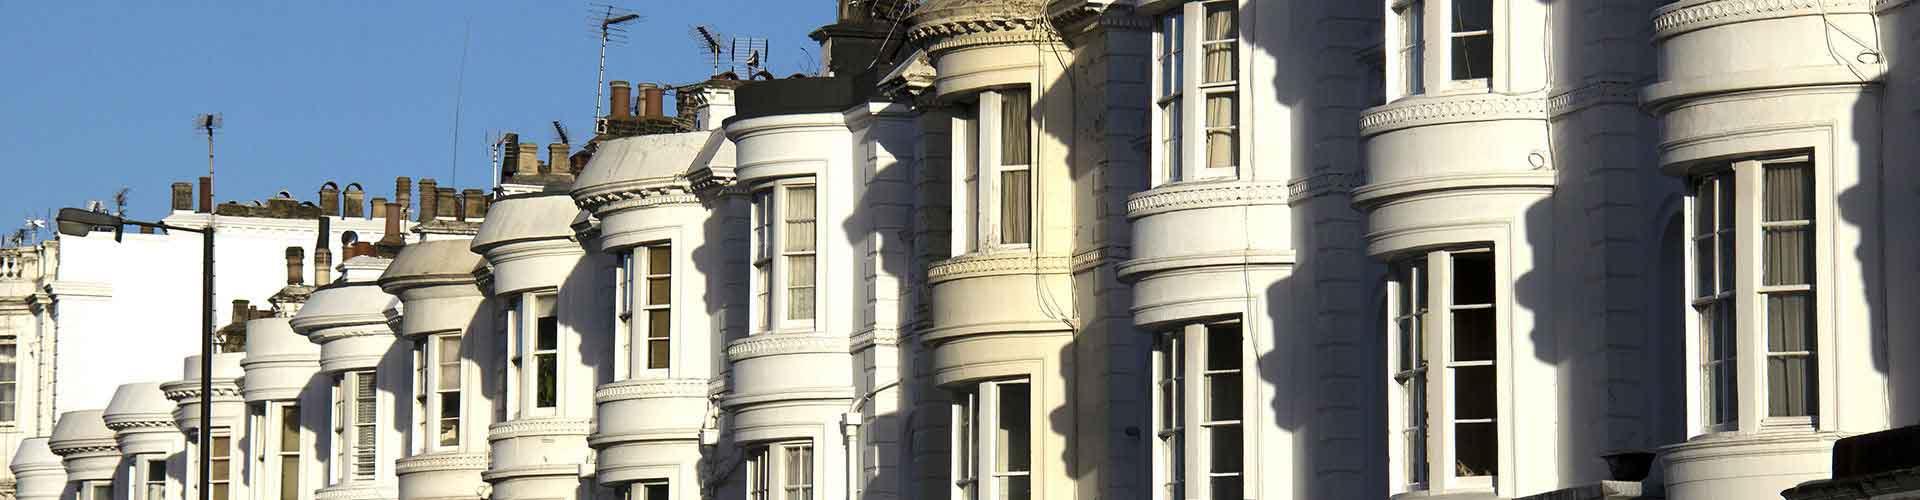 伦敦 – Bayswater区的公寓。伦敦地图,伦敦每间公寓的照片和评价。